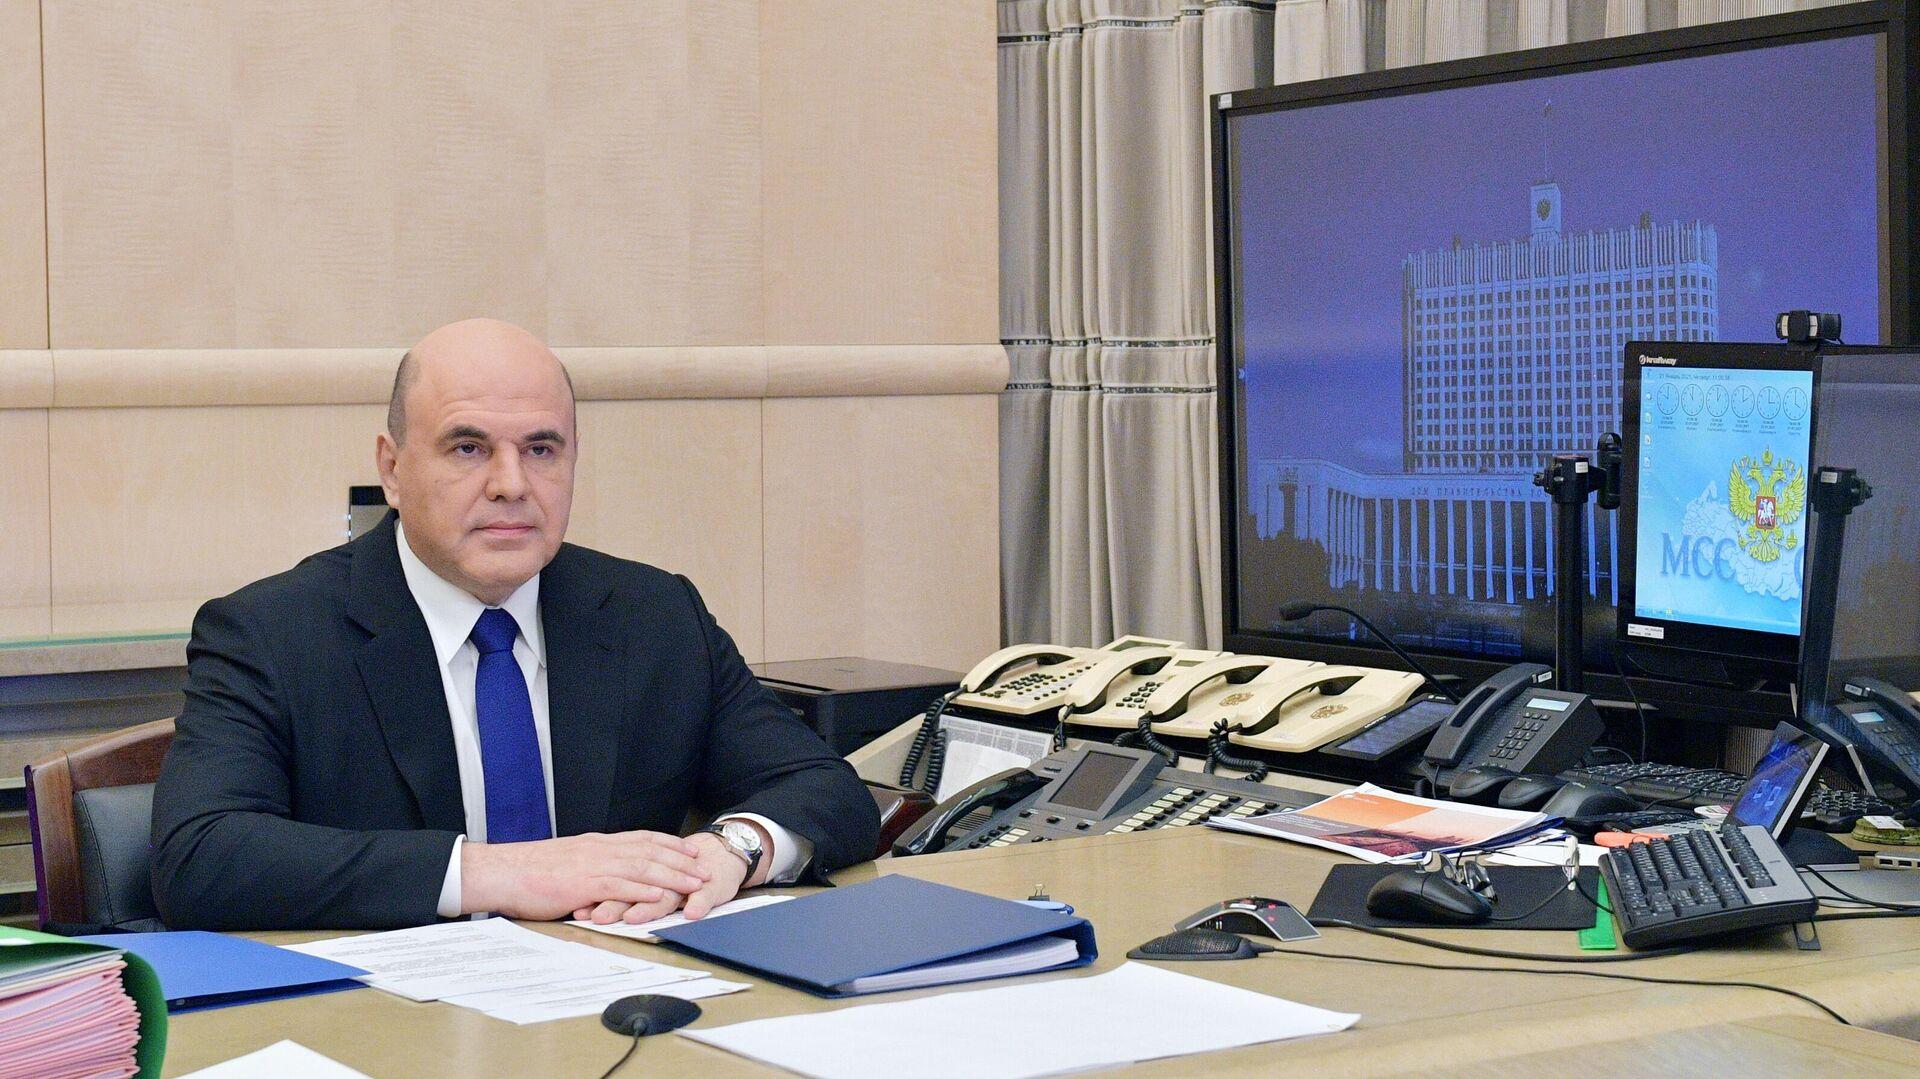 Мишустин освободил от должности зампреда фонда ОМС Нечепоренко